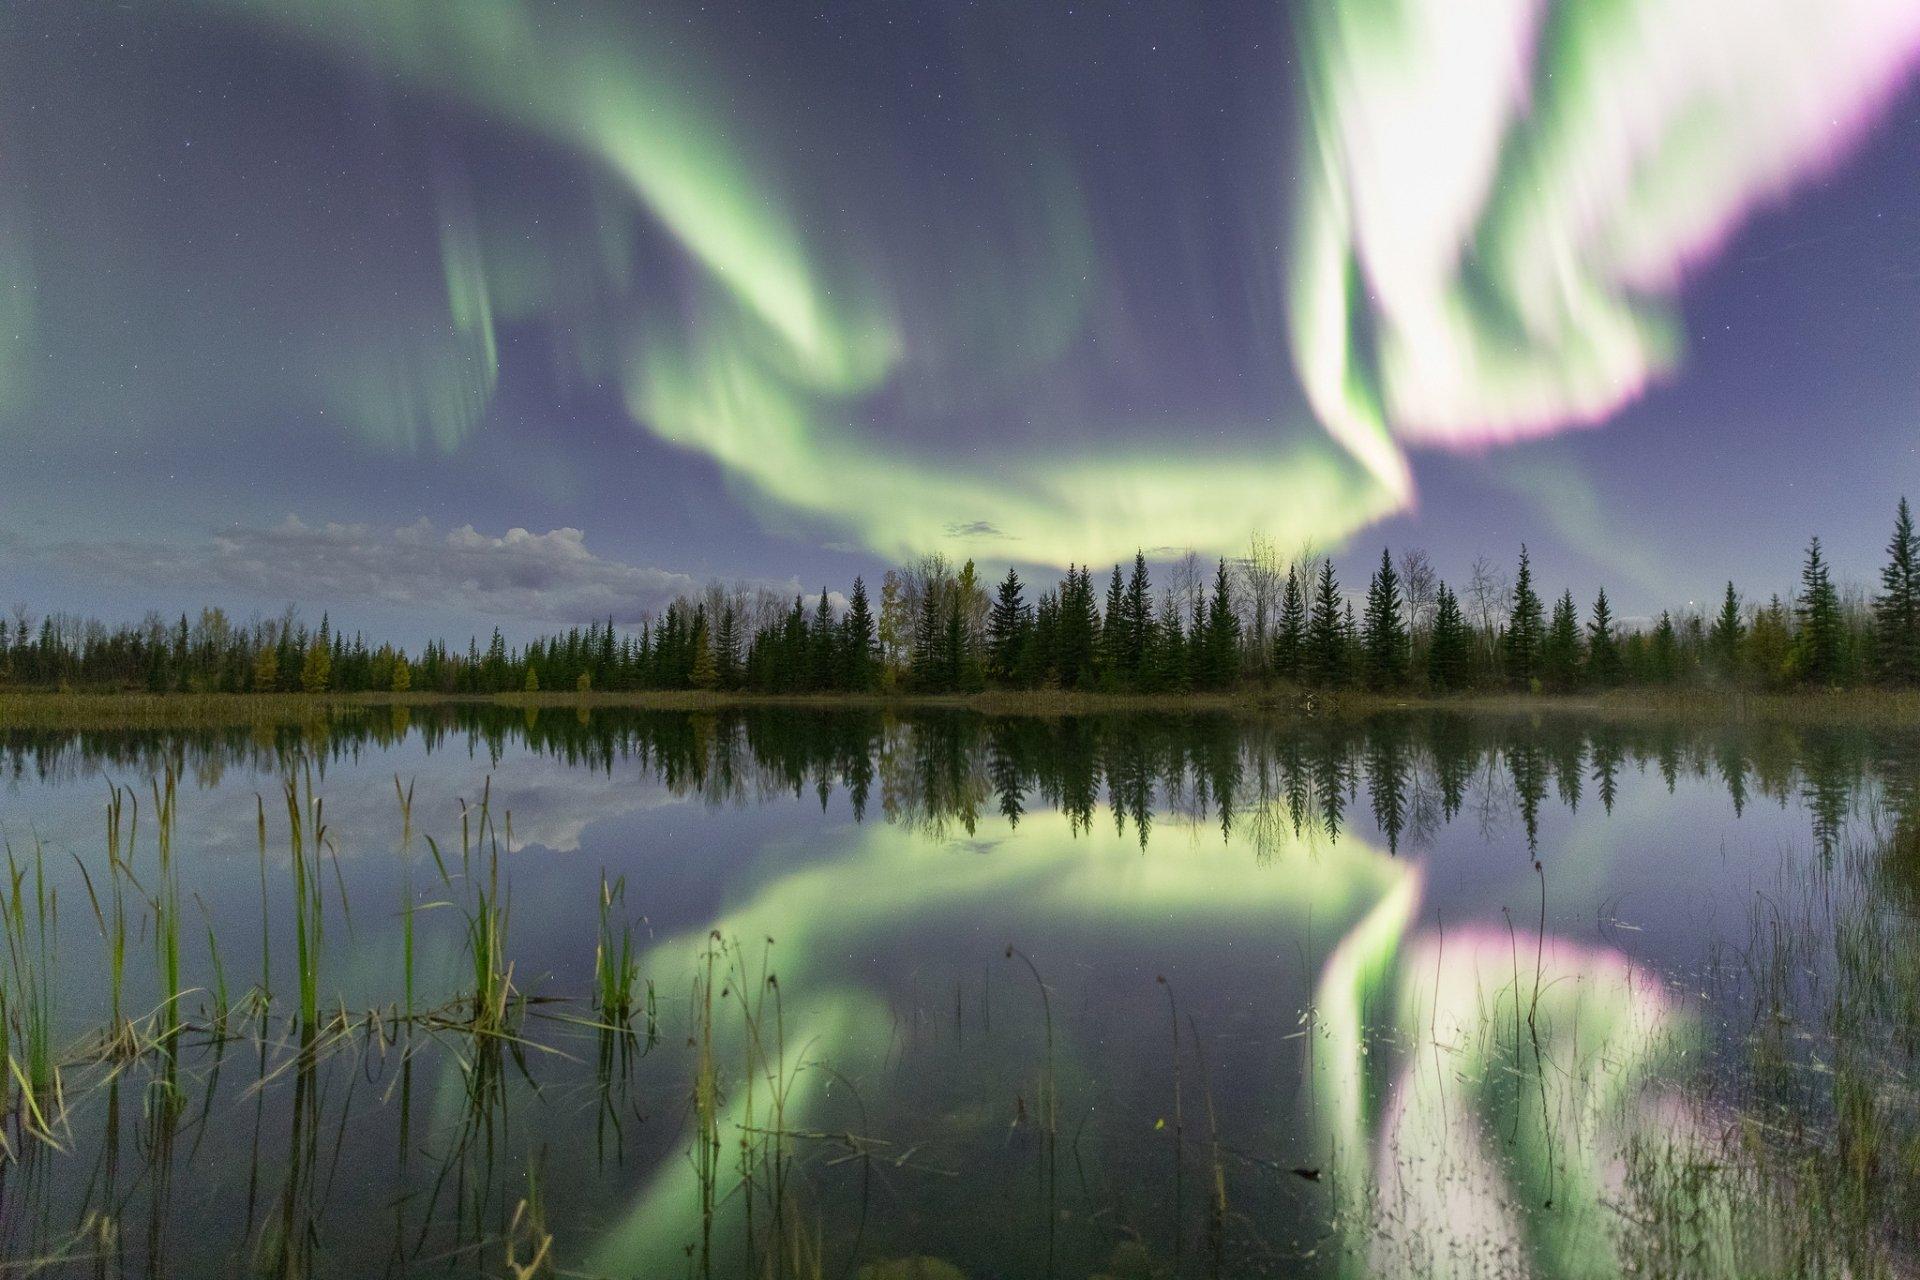 Earth - Aurora Borealis  Nature Lake Reflection Sky Light Wallpaper